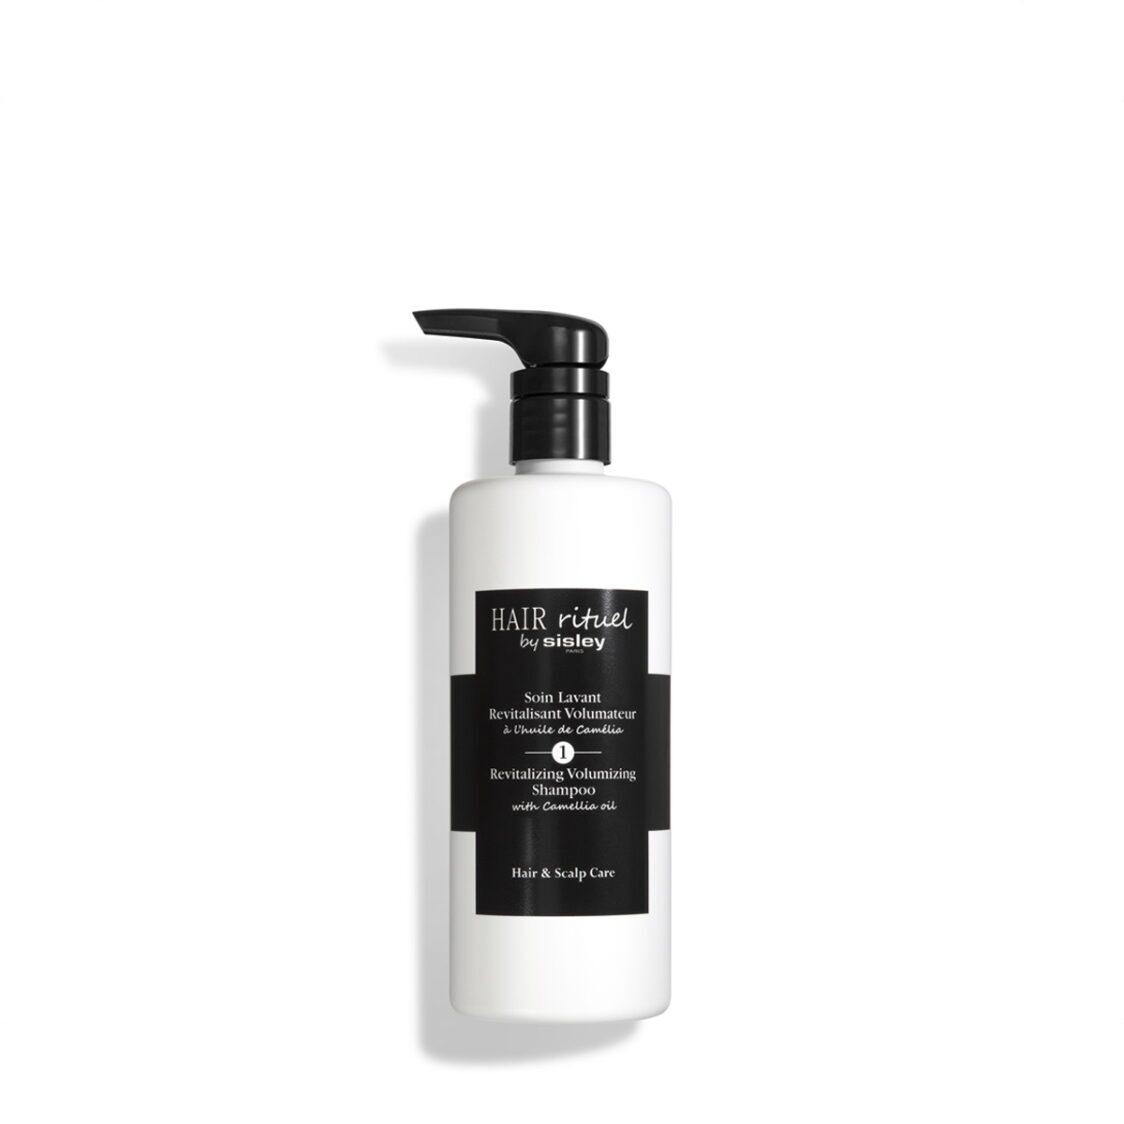 Sisley Revitalizing Volumizing Shampoo with Camellia oil 500ml